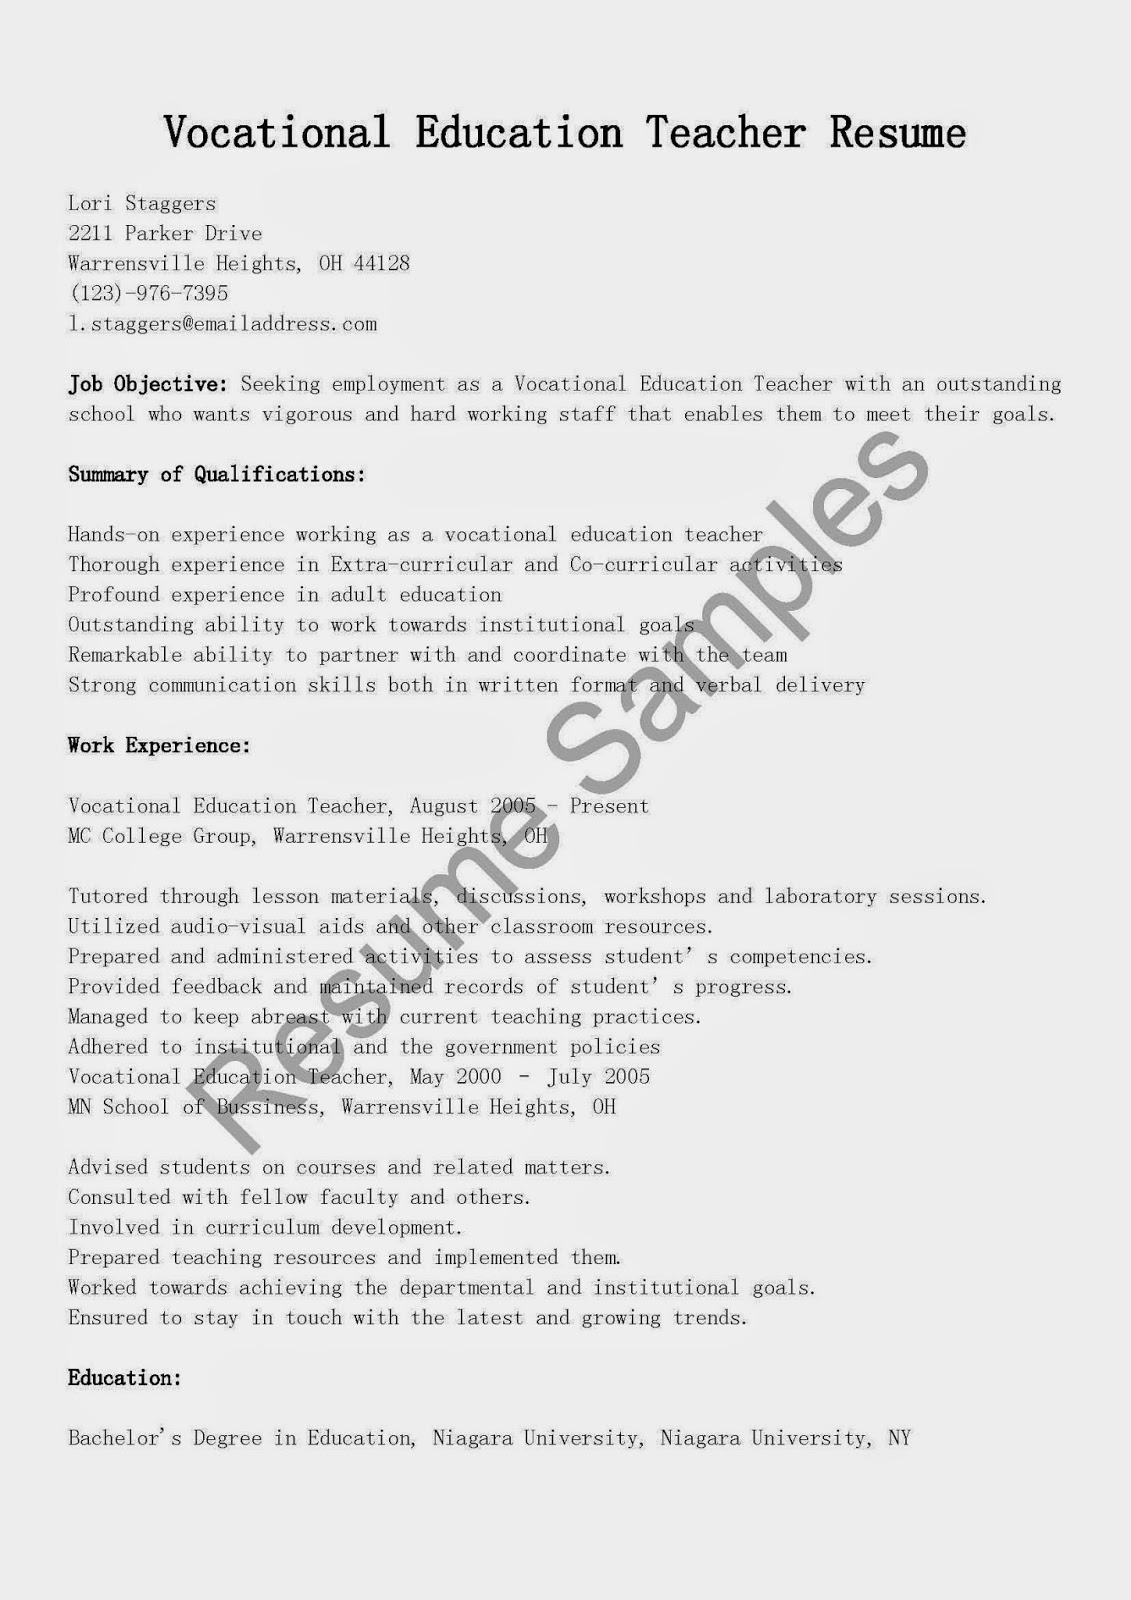 Resume Samples Vocational Education Teacher Resume Sample